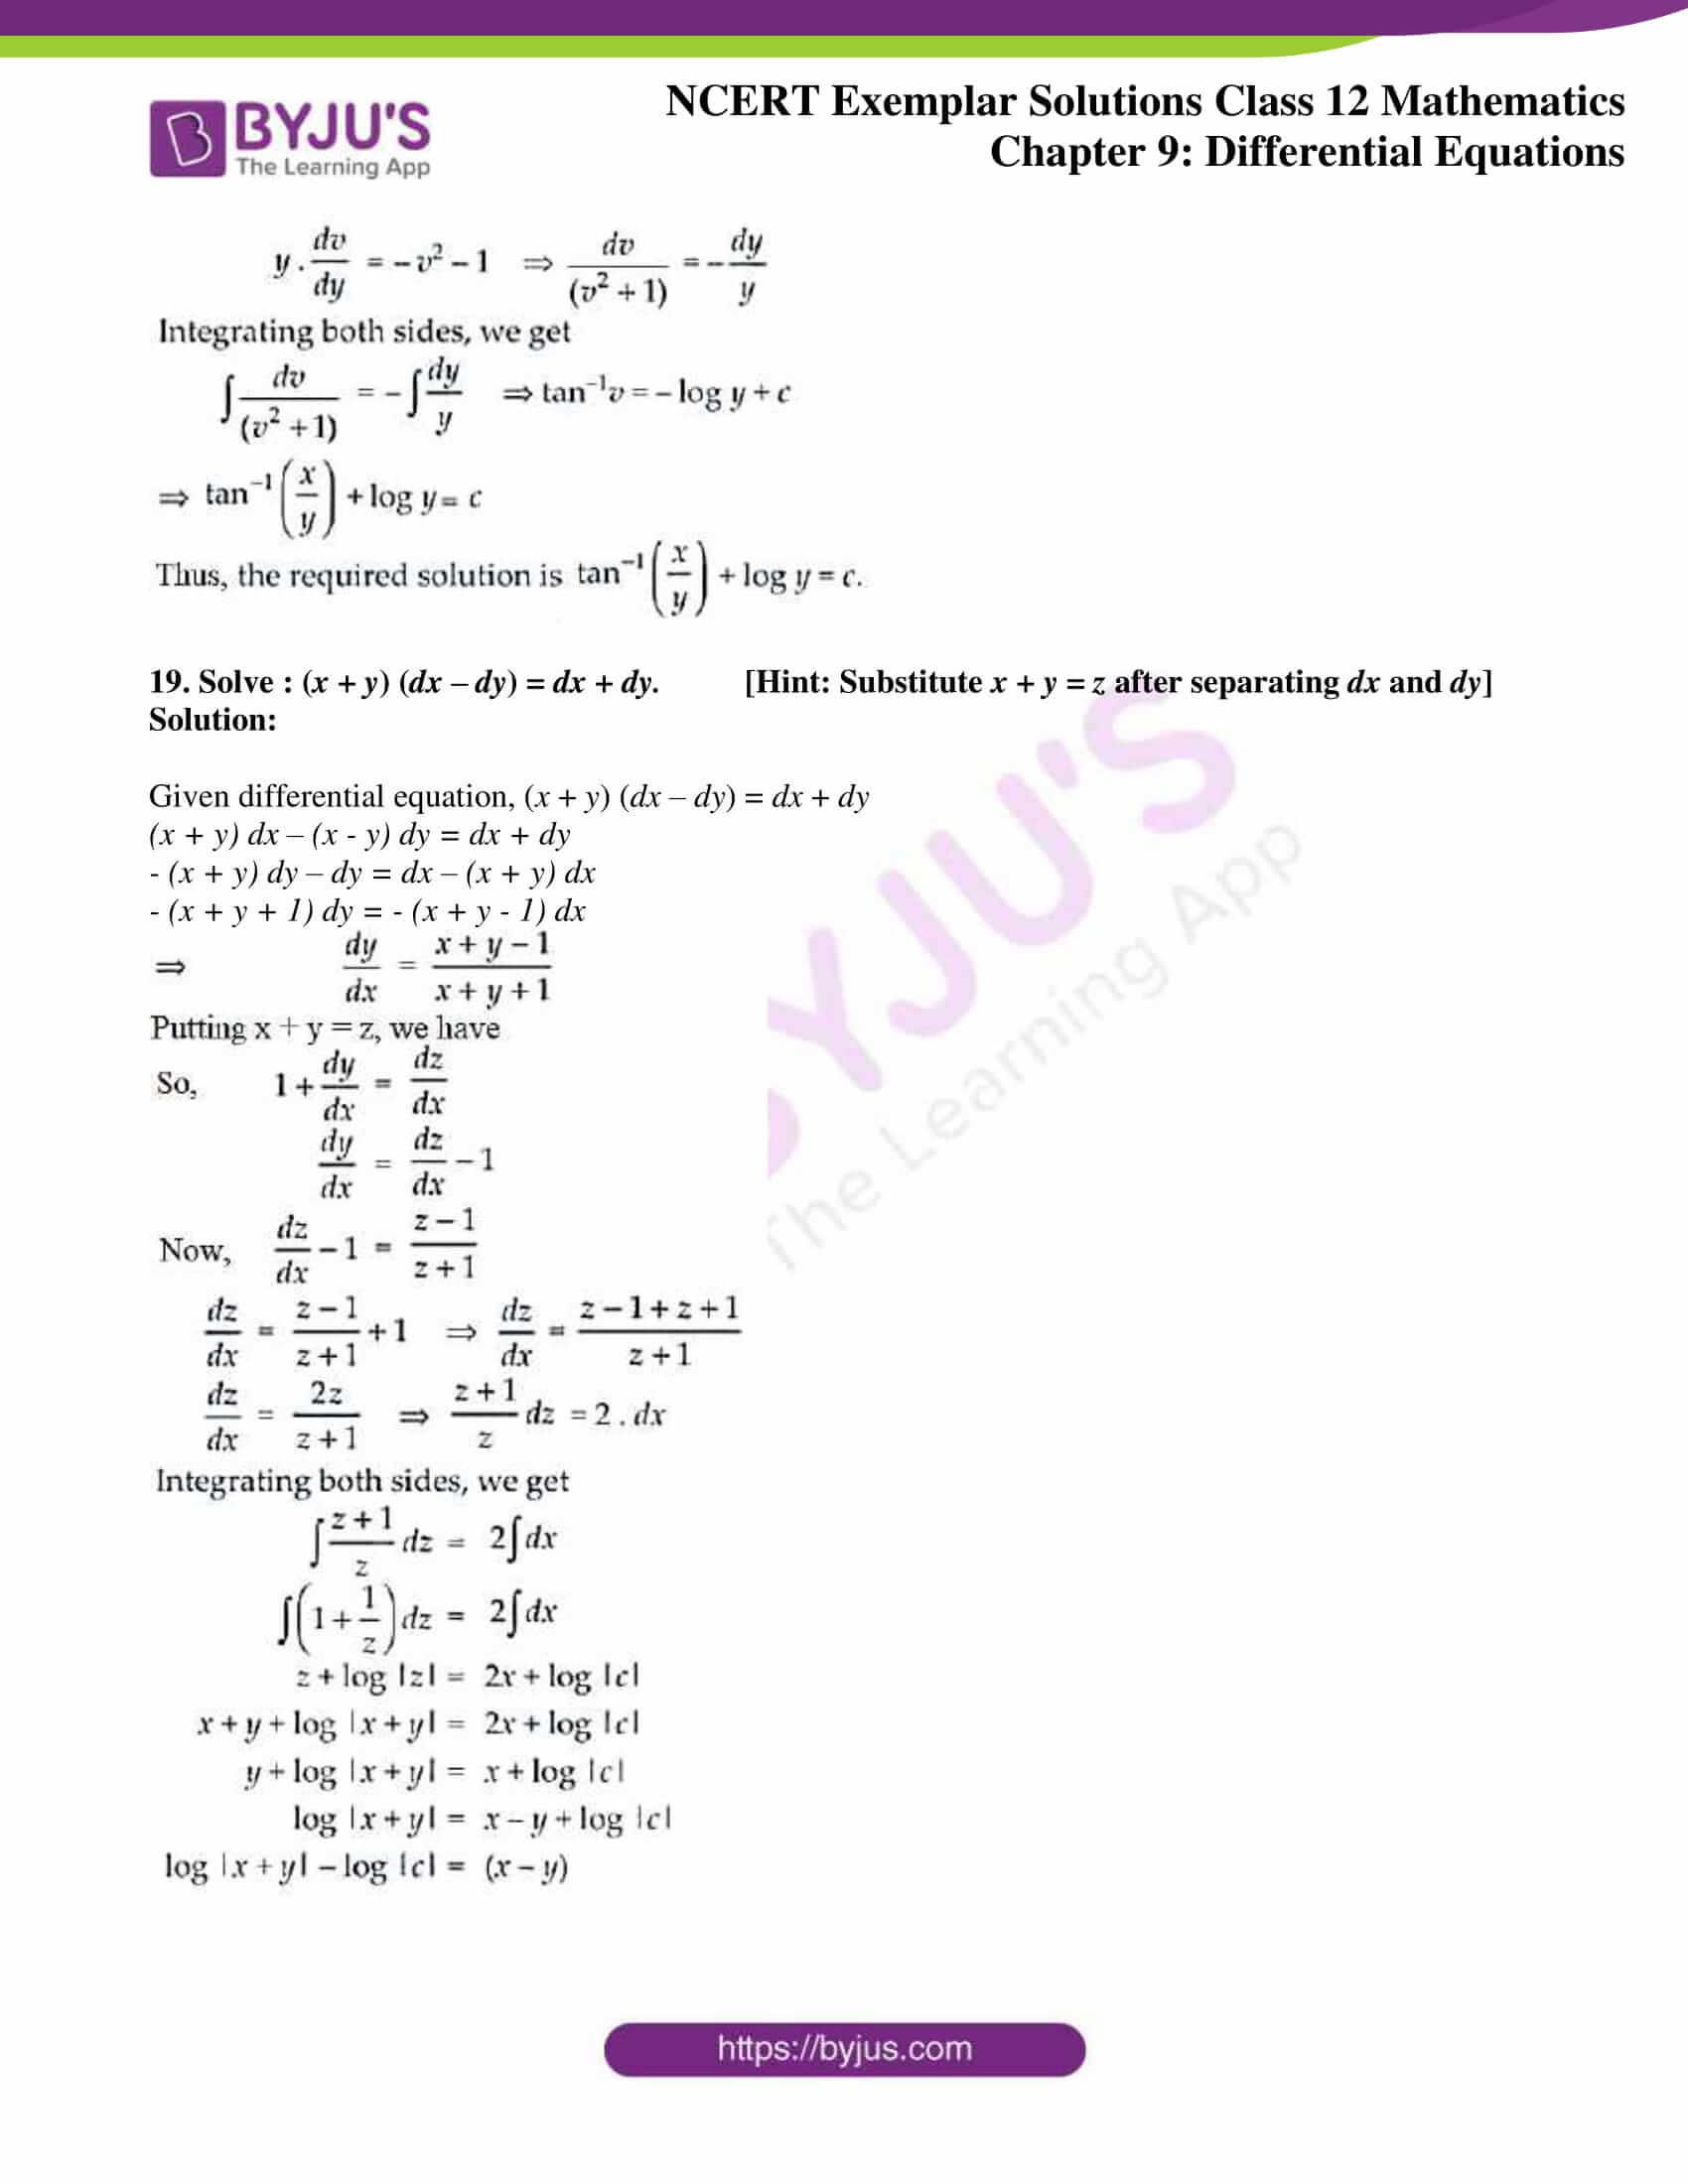 ncert exemplar sol class 12 mathematics ch 9 11